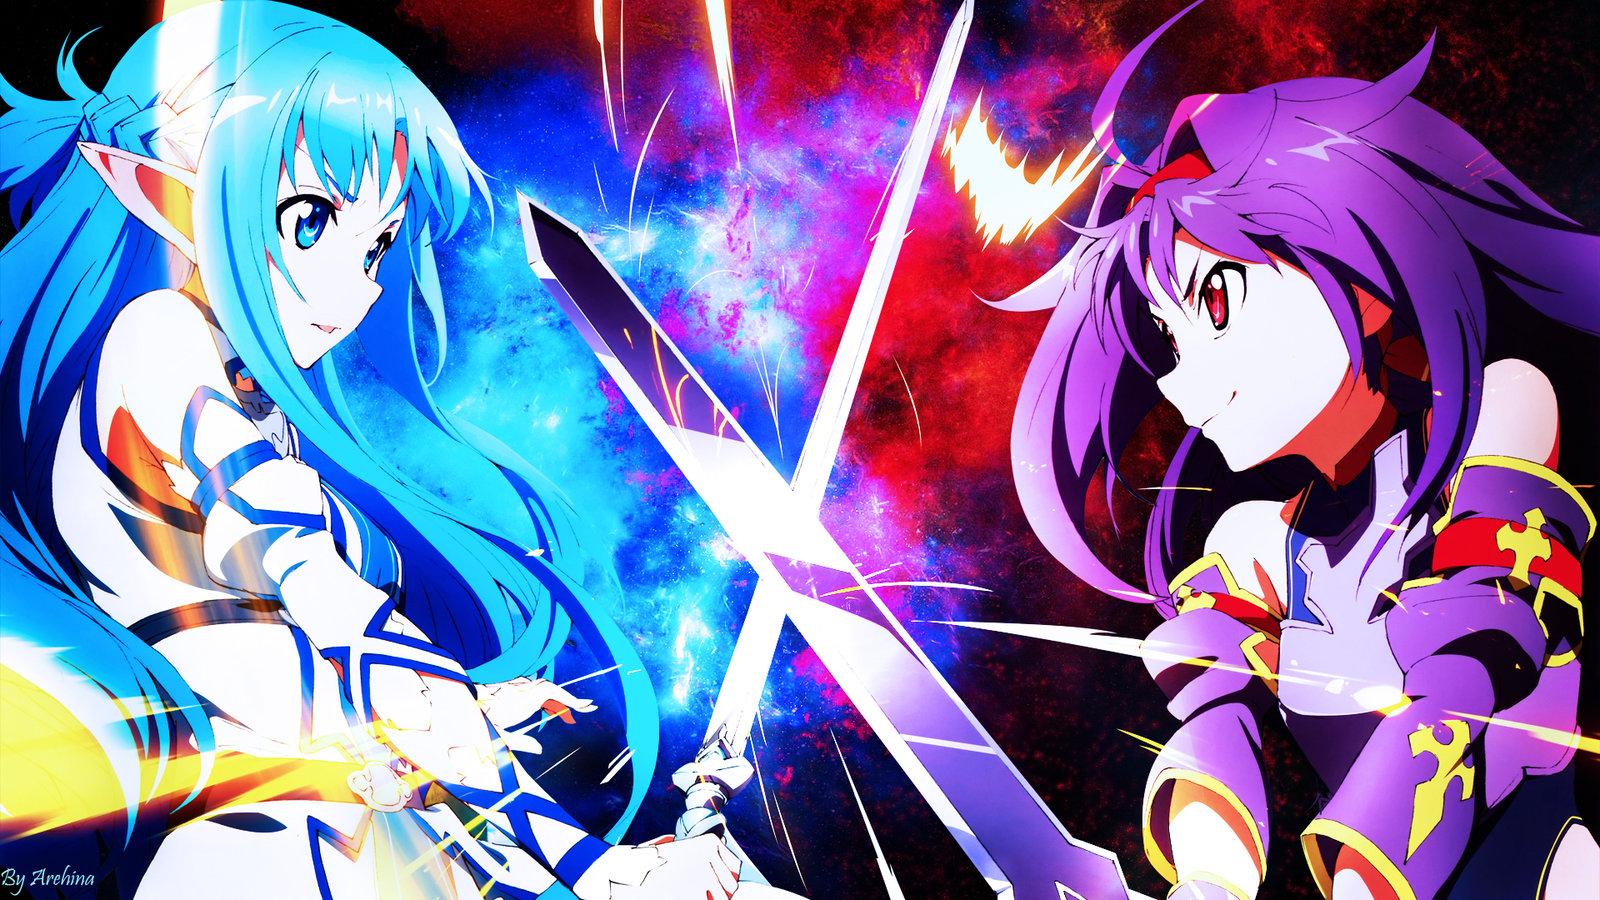 Wallpaper Game Anime Manga Animated Film Sword Art Online